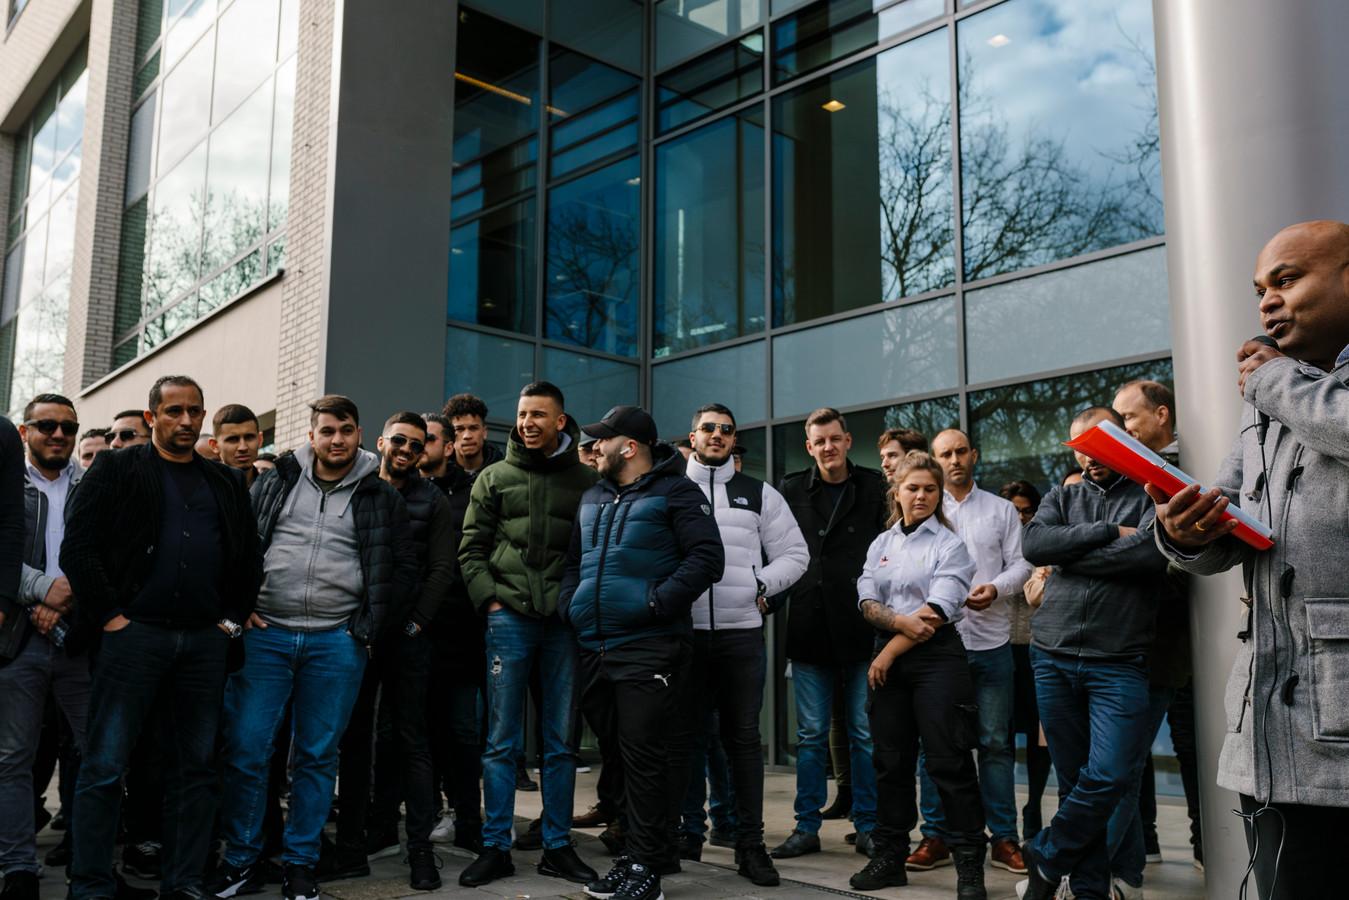 Uber chauffeursbij een demonstratie in 2019  bij het Uber kantoor in Amsterdam. Ze